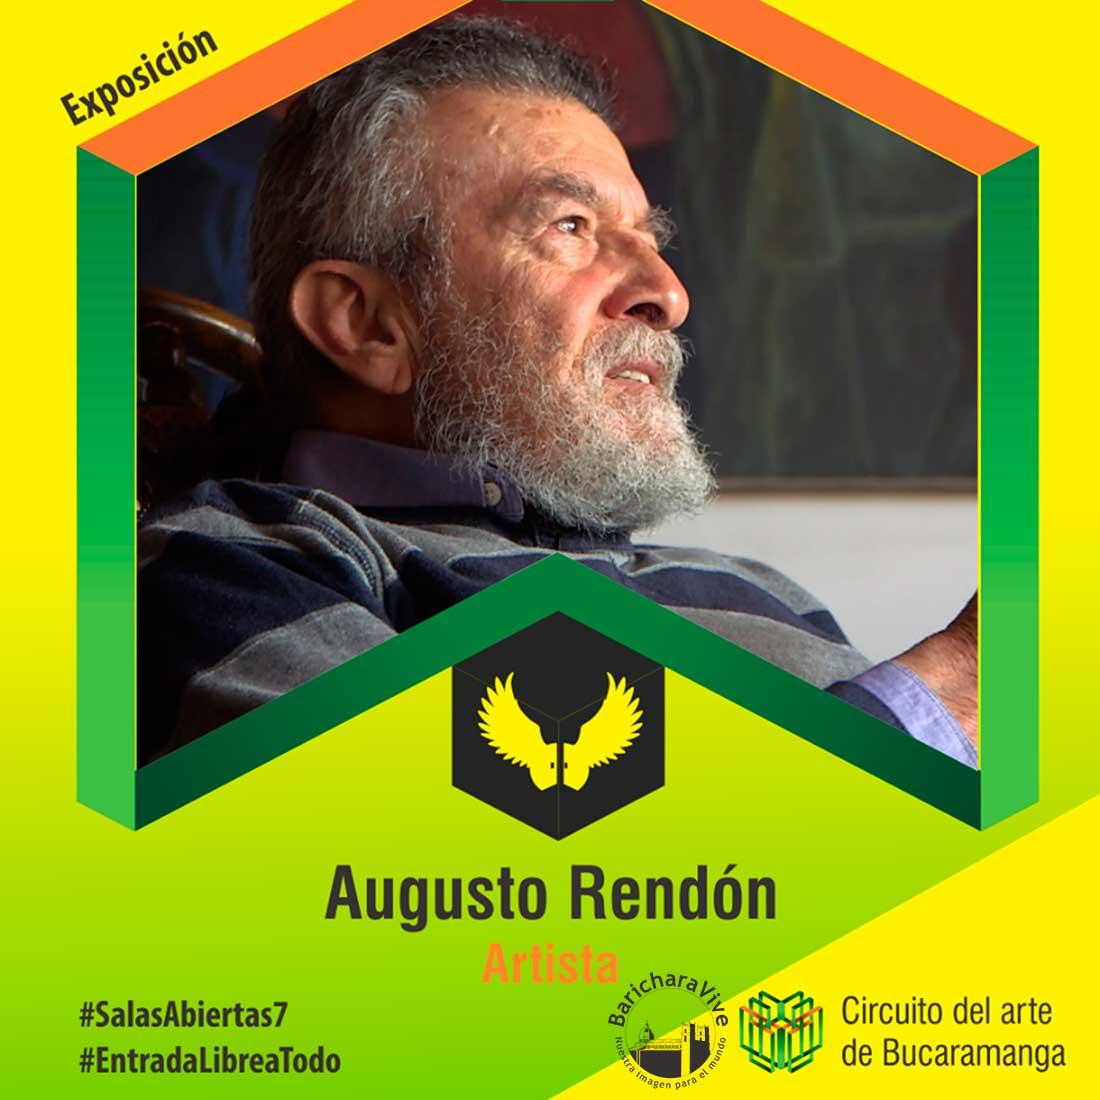 artista-augusto-rendon-7a-edicion-el-centro-con-las-salas-abiertas-bucaramanga-2017